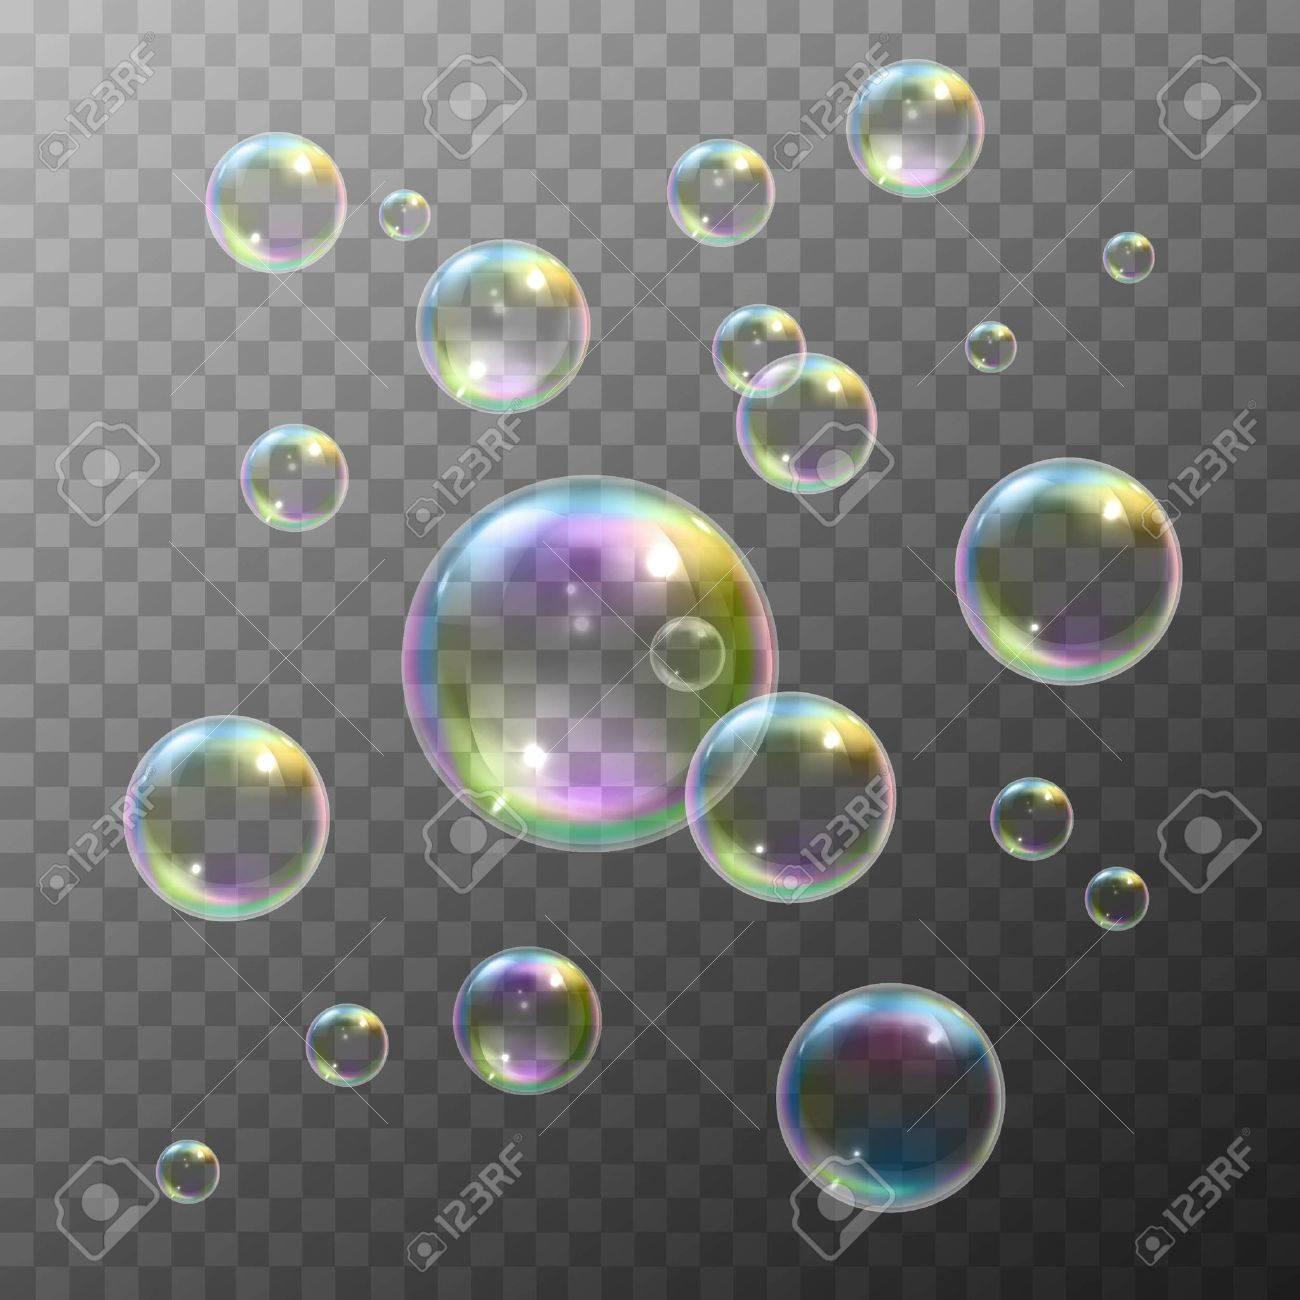 Réaliste bulles de savon avec arc en ciel réflexion, créé isolé illustration vectorielle